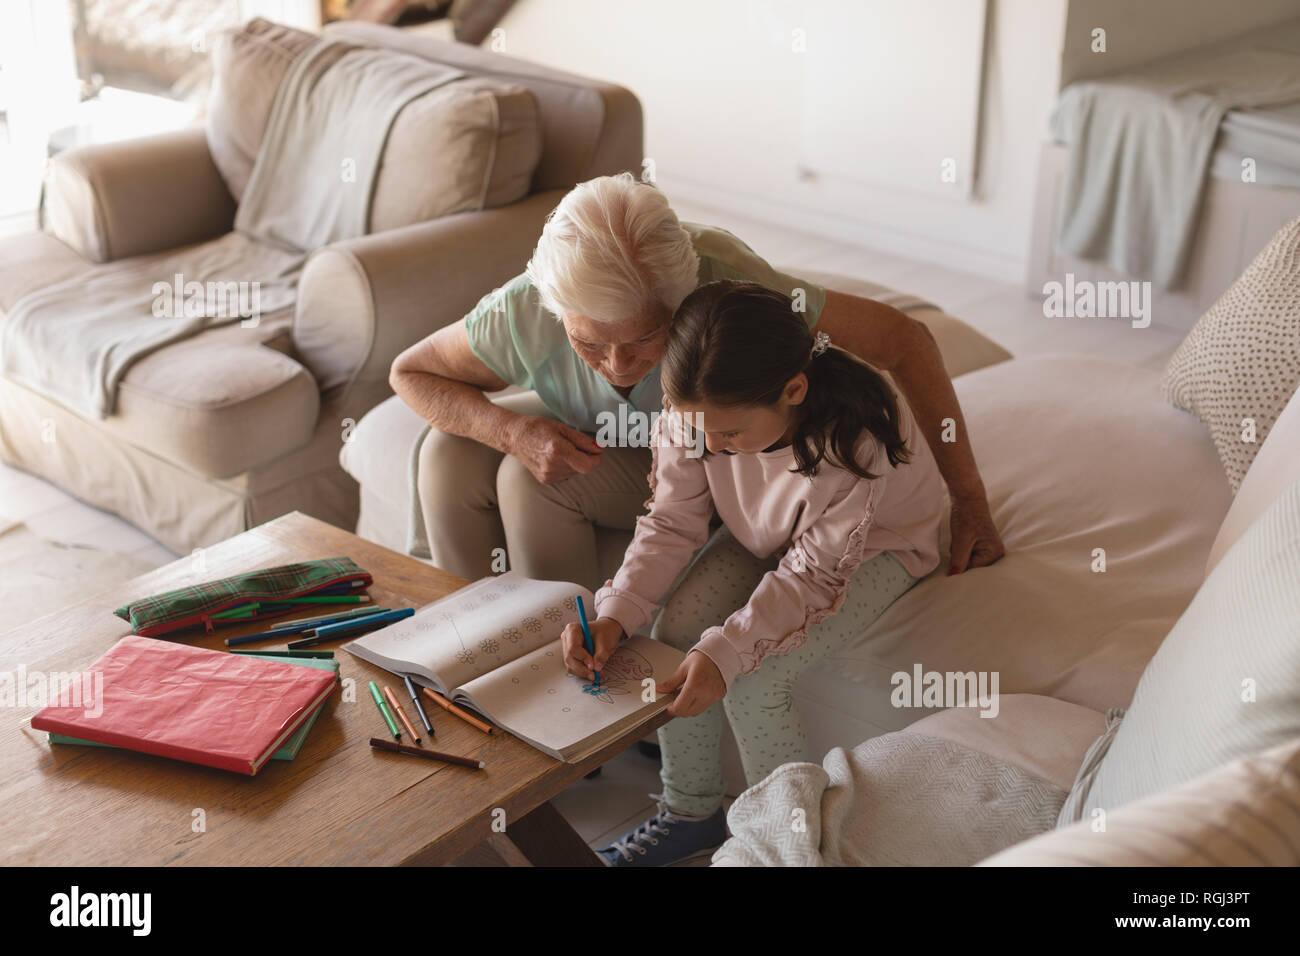 Vue latérale d'une grand-mère d'aider sa petite-fille à faire ses devoirs dans la salle de séjour à la maison Banque D'Images